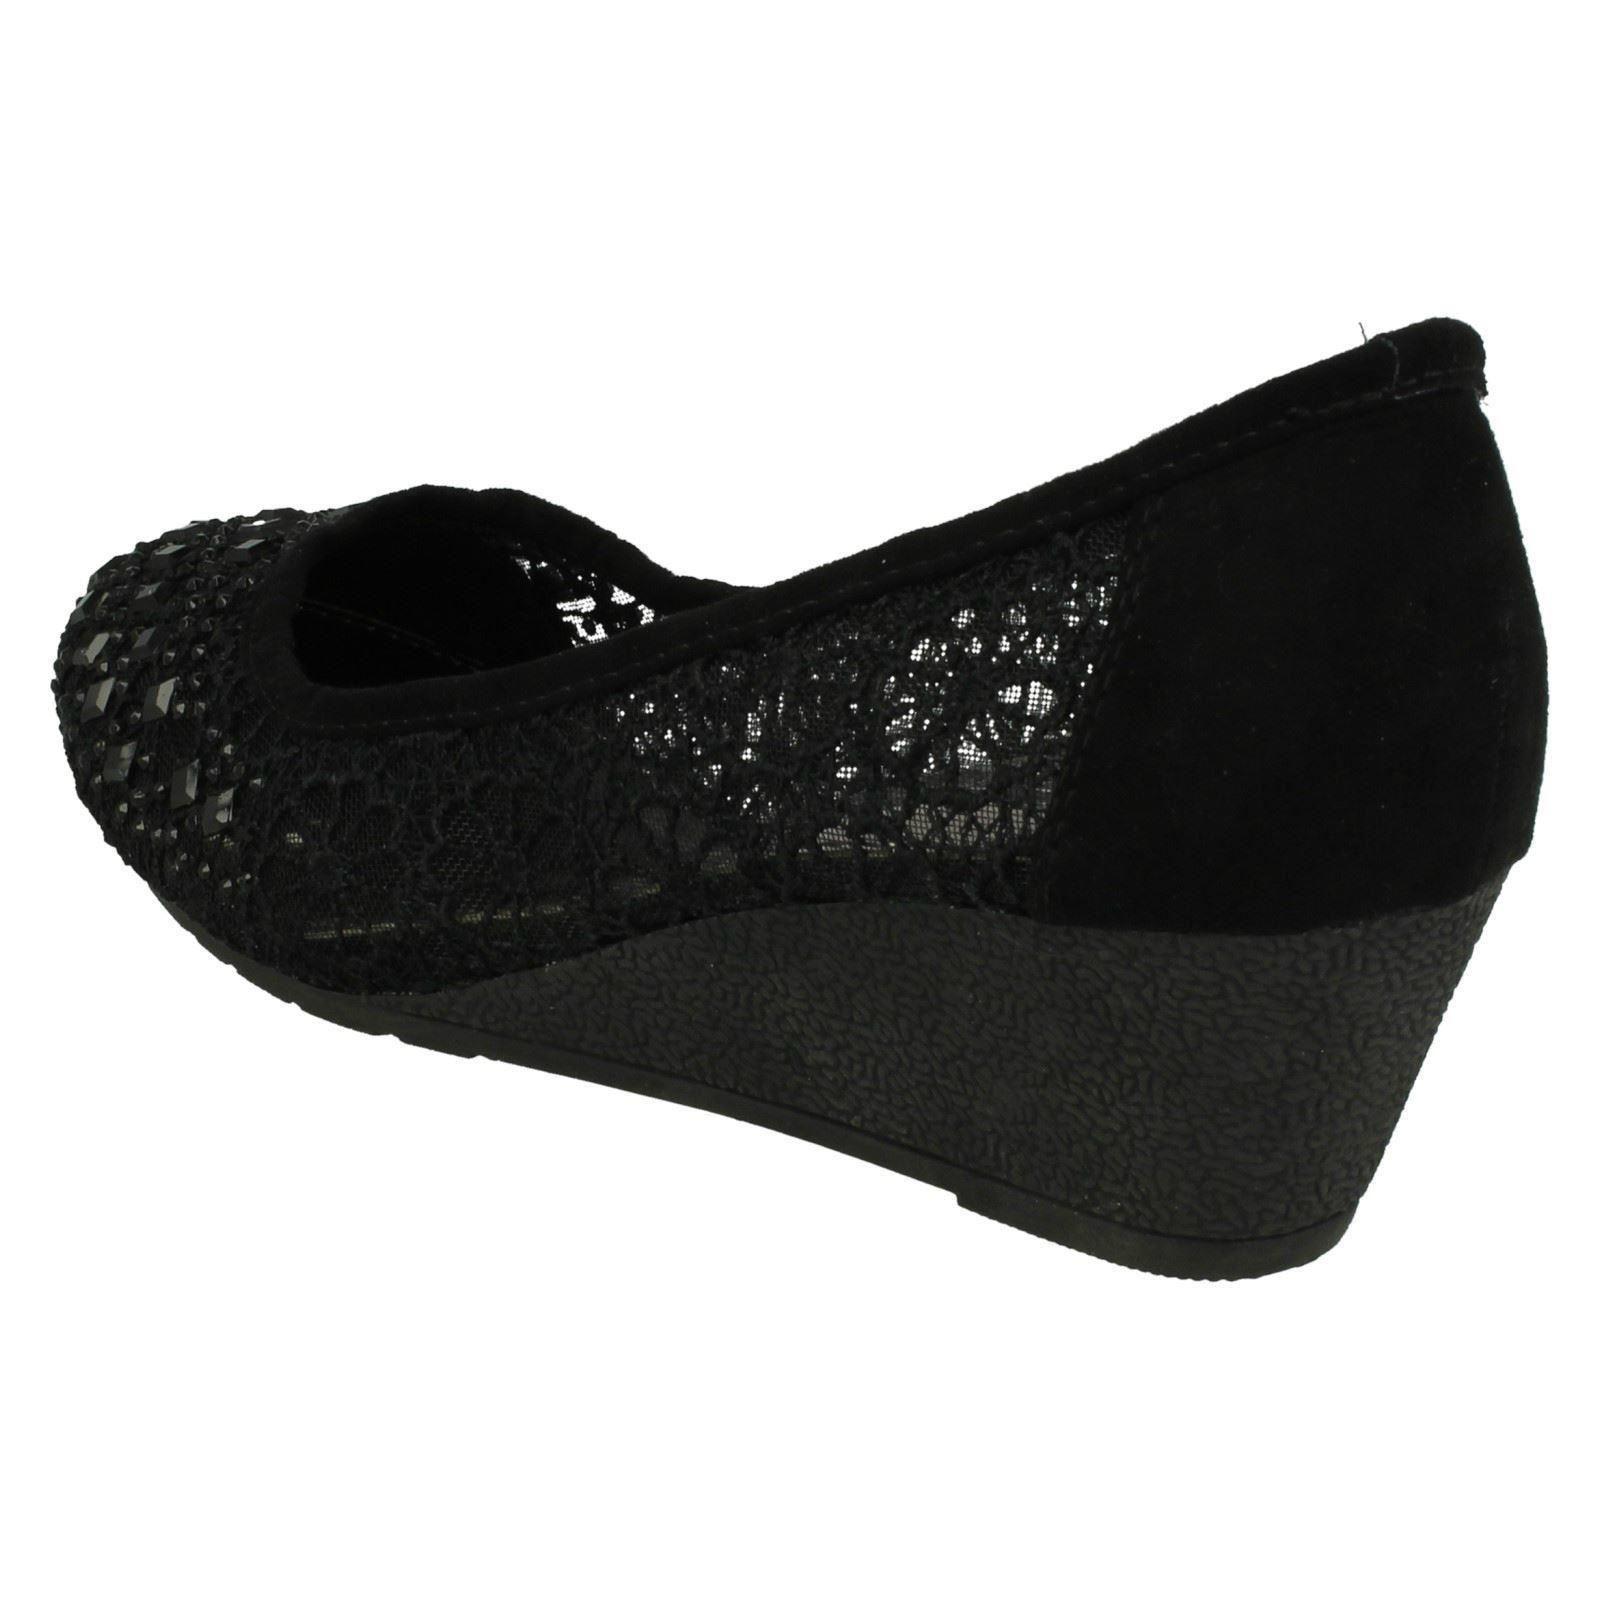 'Court' Court Anne Wedge Mid Noir Chaussures qIHwvC5